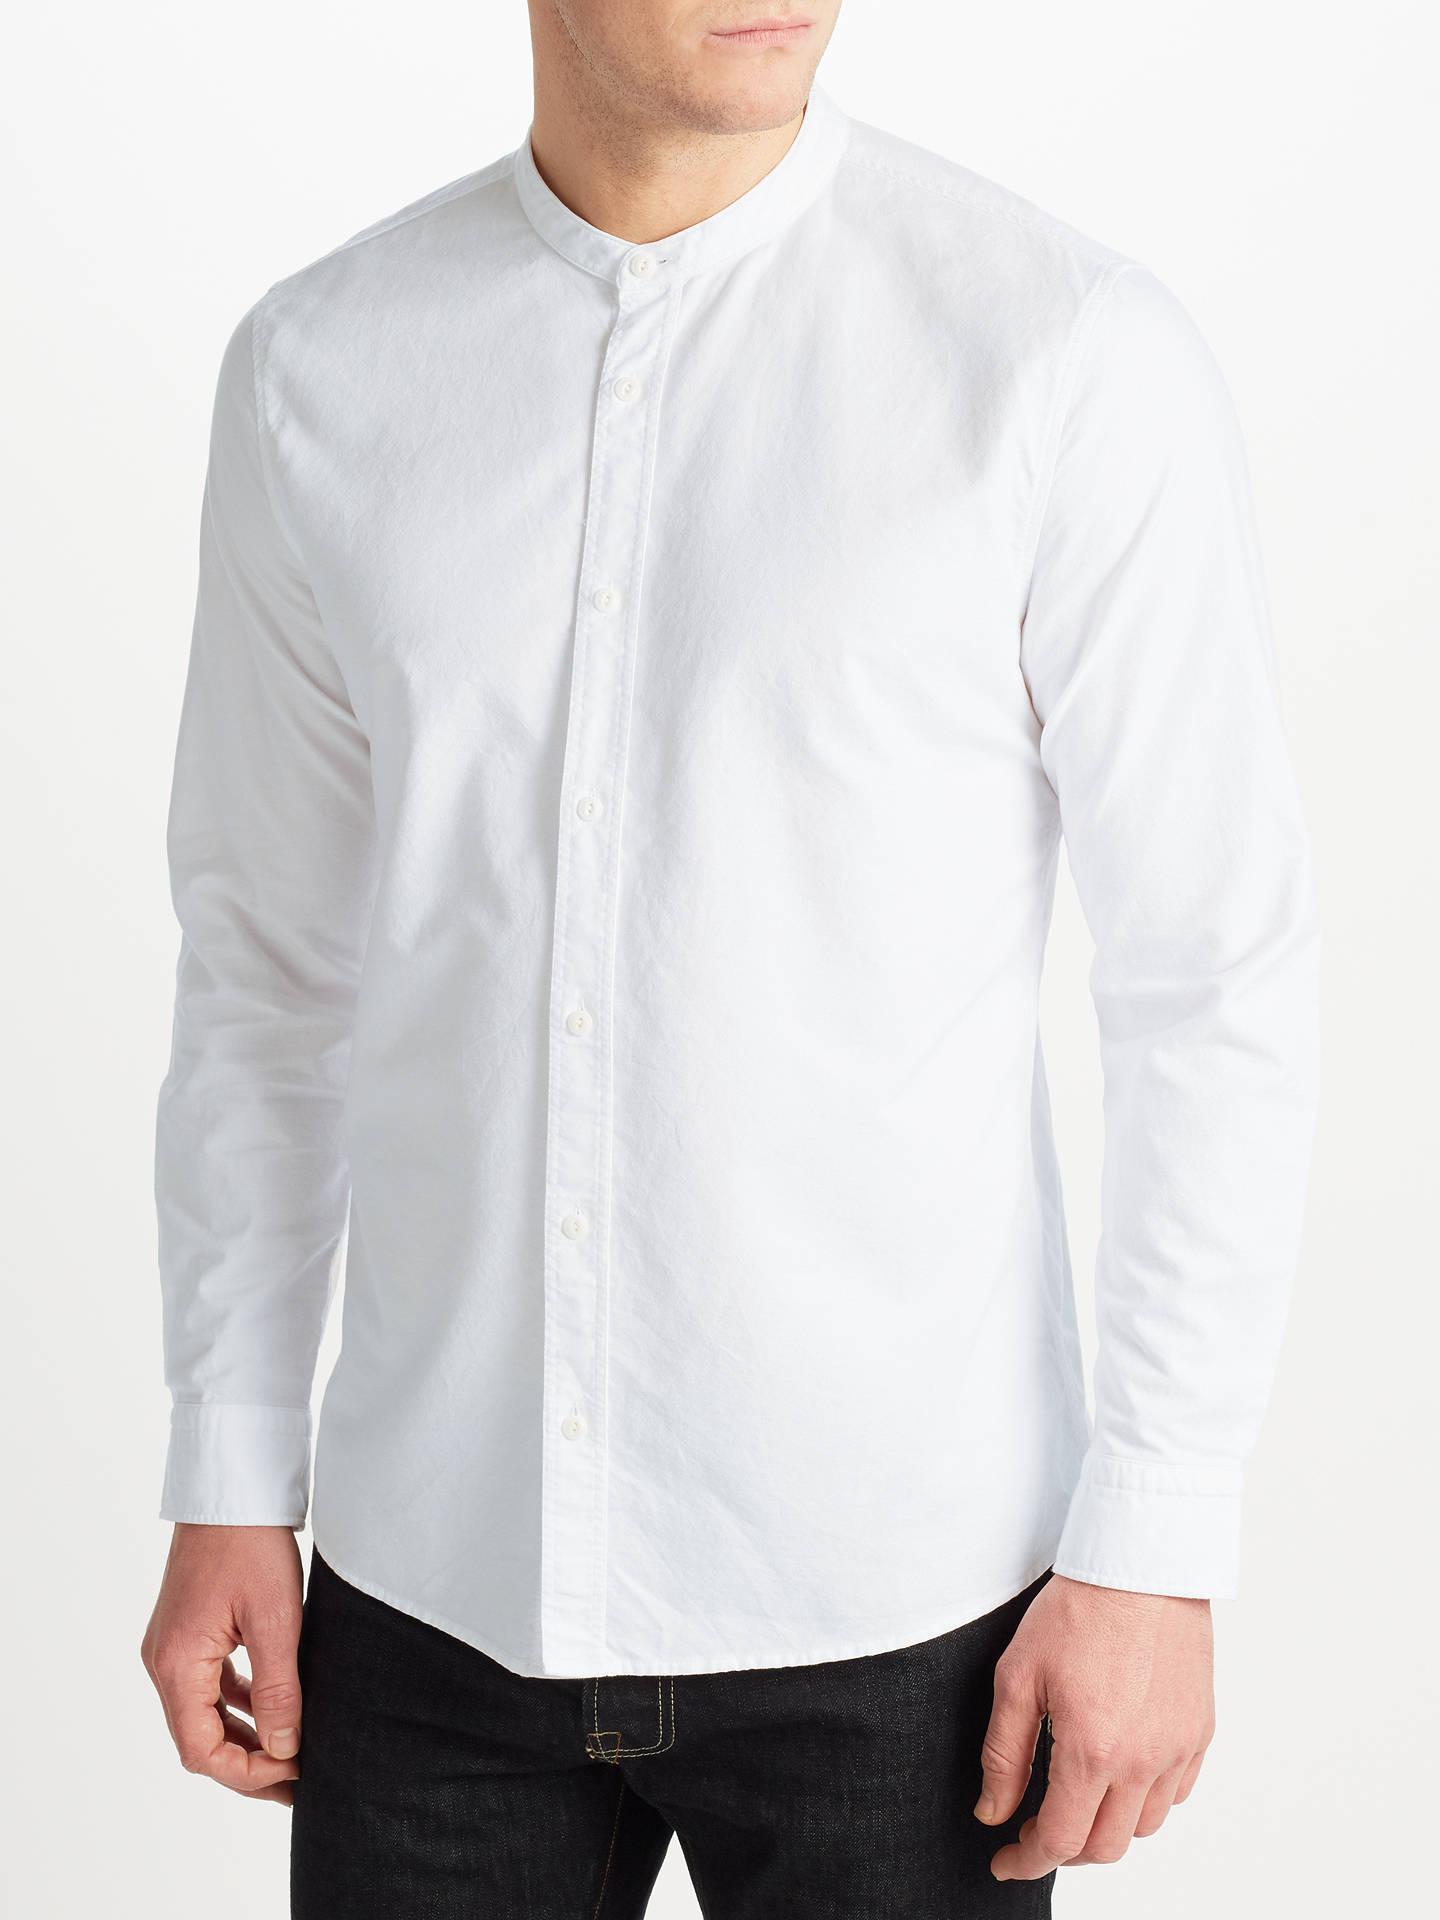 784d39157ebd86 JOHN LEWIS & Co. Grandad Collar Shirt, White at John Lewis & Partners